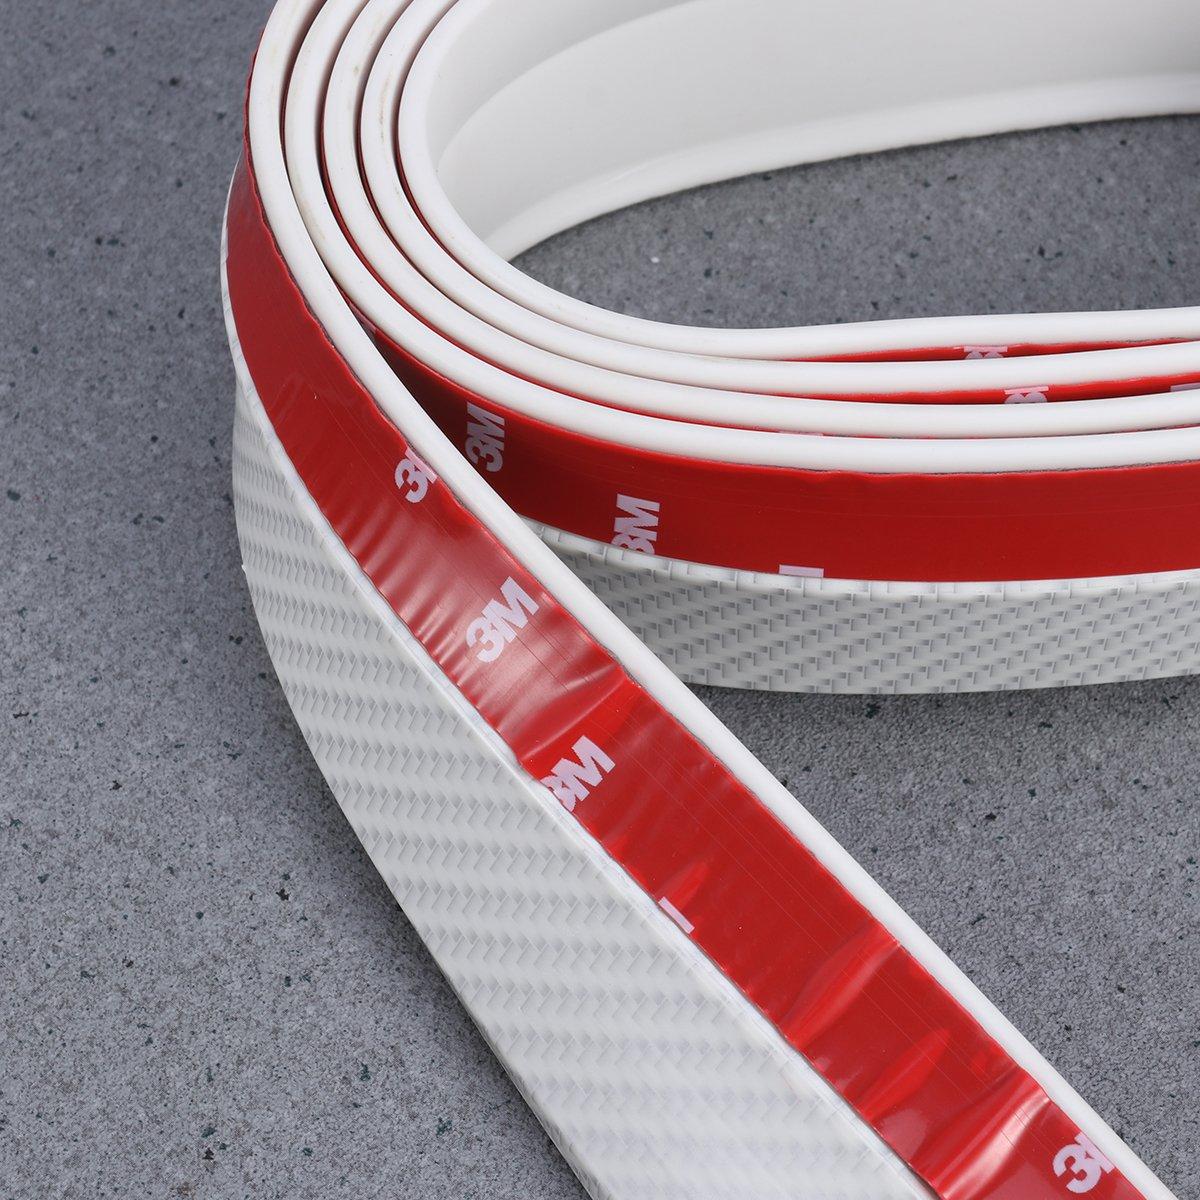 Bianco WINOMO Universale Spoiler Lippe Spoiler Anteriore Labbro autoadesivo strisce in gomma auto anteriore posteriore Paraurti Protezione